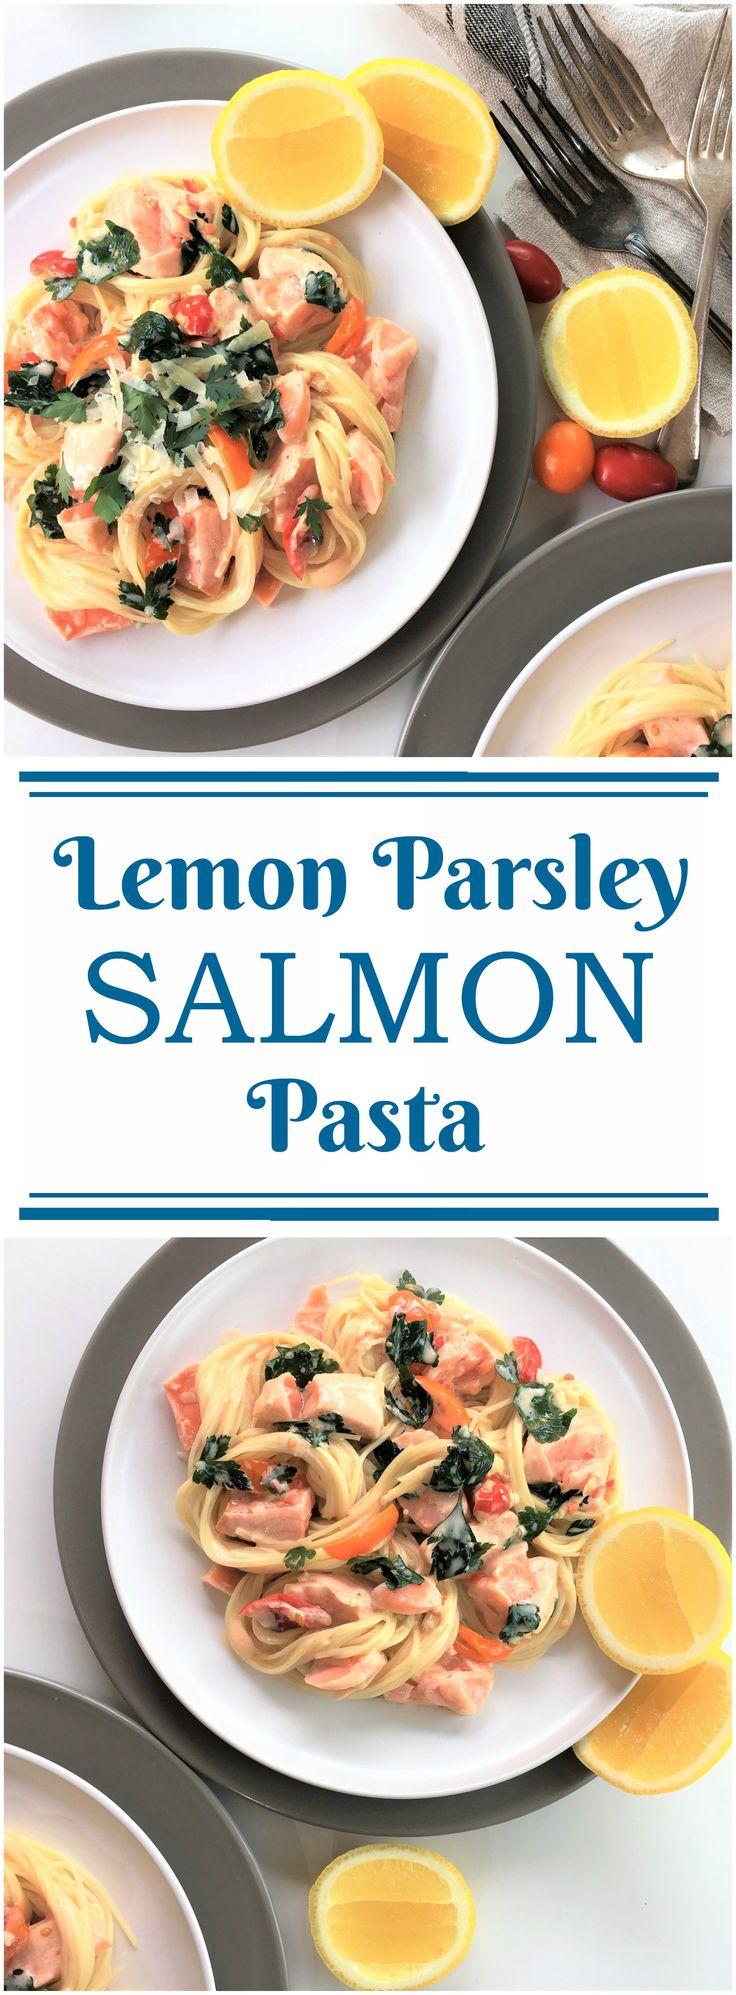 Lemon Parsley Salmon Pasta | chilli | chili | cream sauce | 20 minute dinner | angel hair pasta